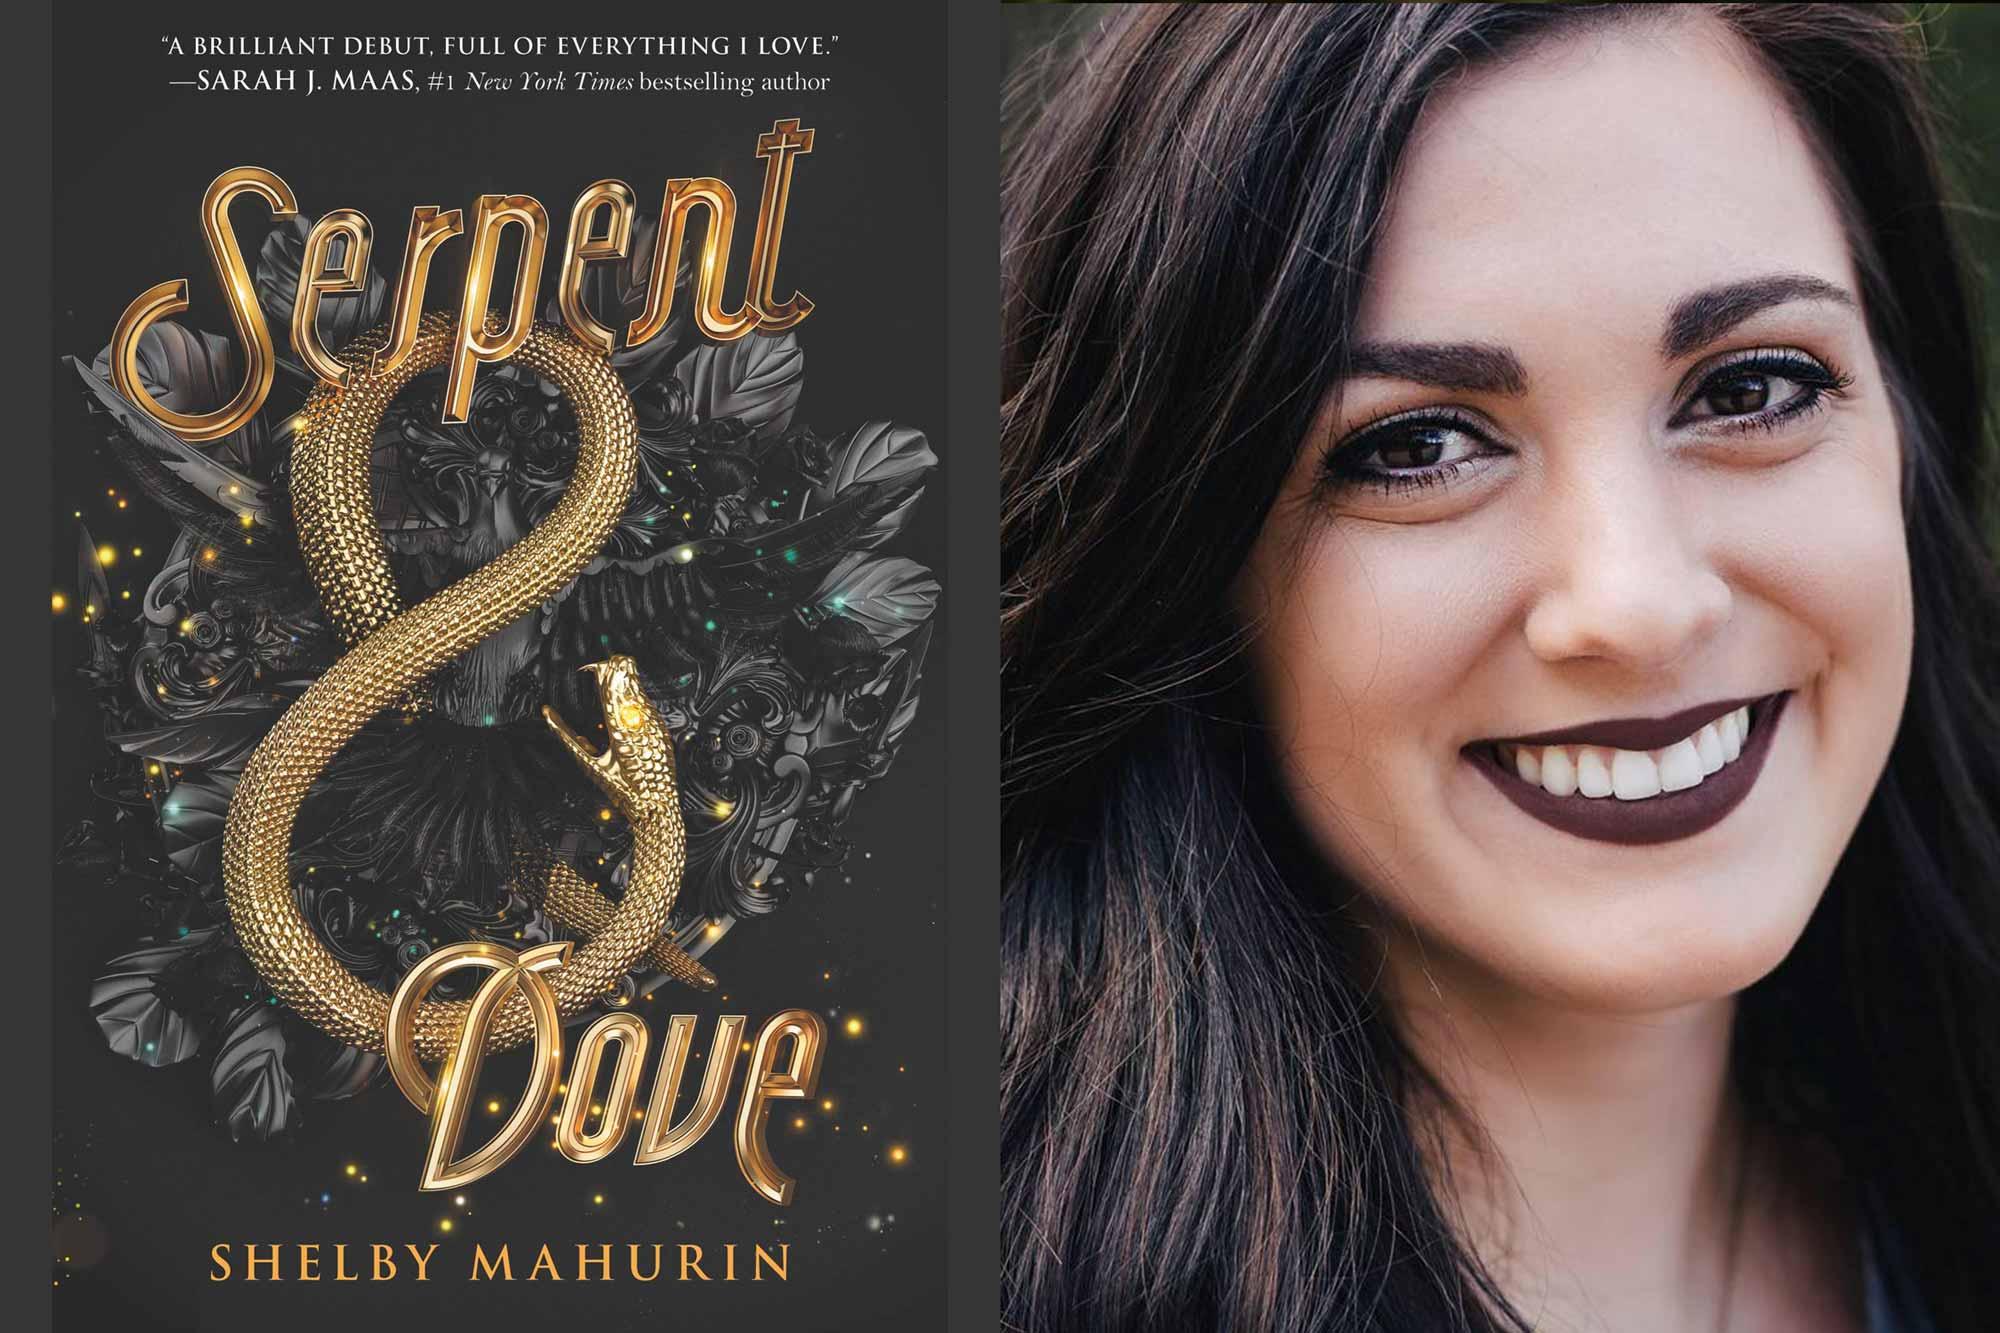 Arriva in libreria Serpent & Dove, lo young adult che ha stregato il pubblico